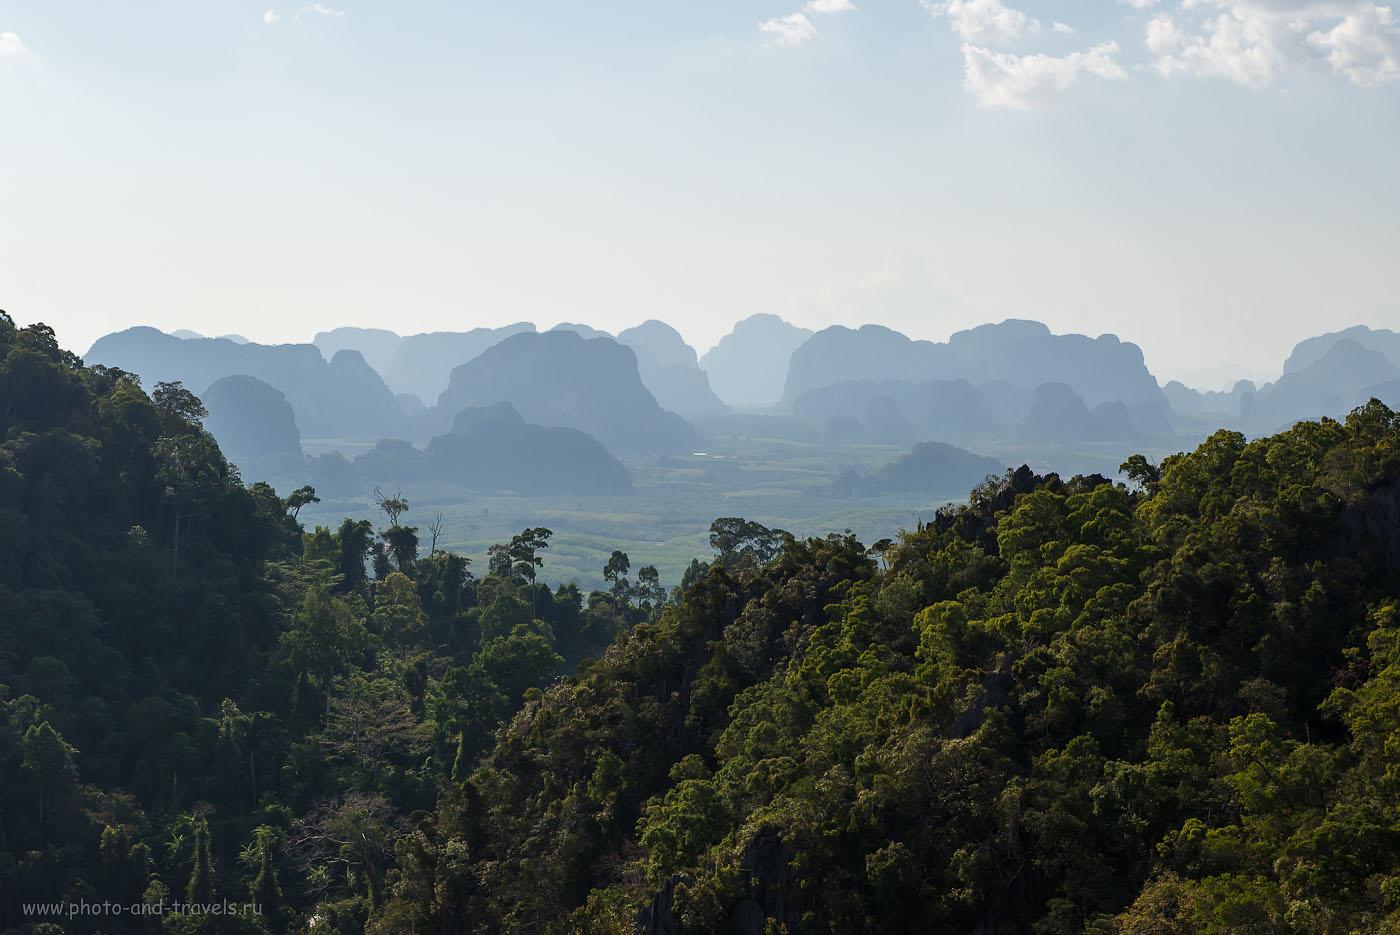 Фото 21. Там, за лесами, за холмами... Поездка в отпуск на Краби. Отзывы туристов о путешествии по Таиланду на машине (200, 70, 9.0, 1/800)